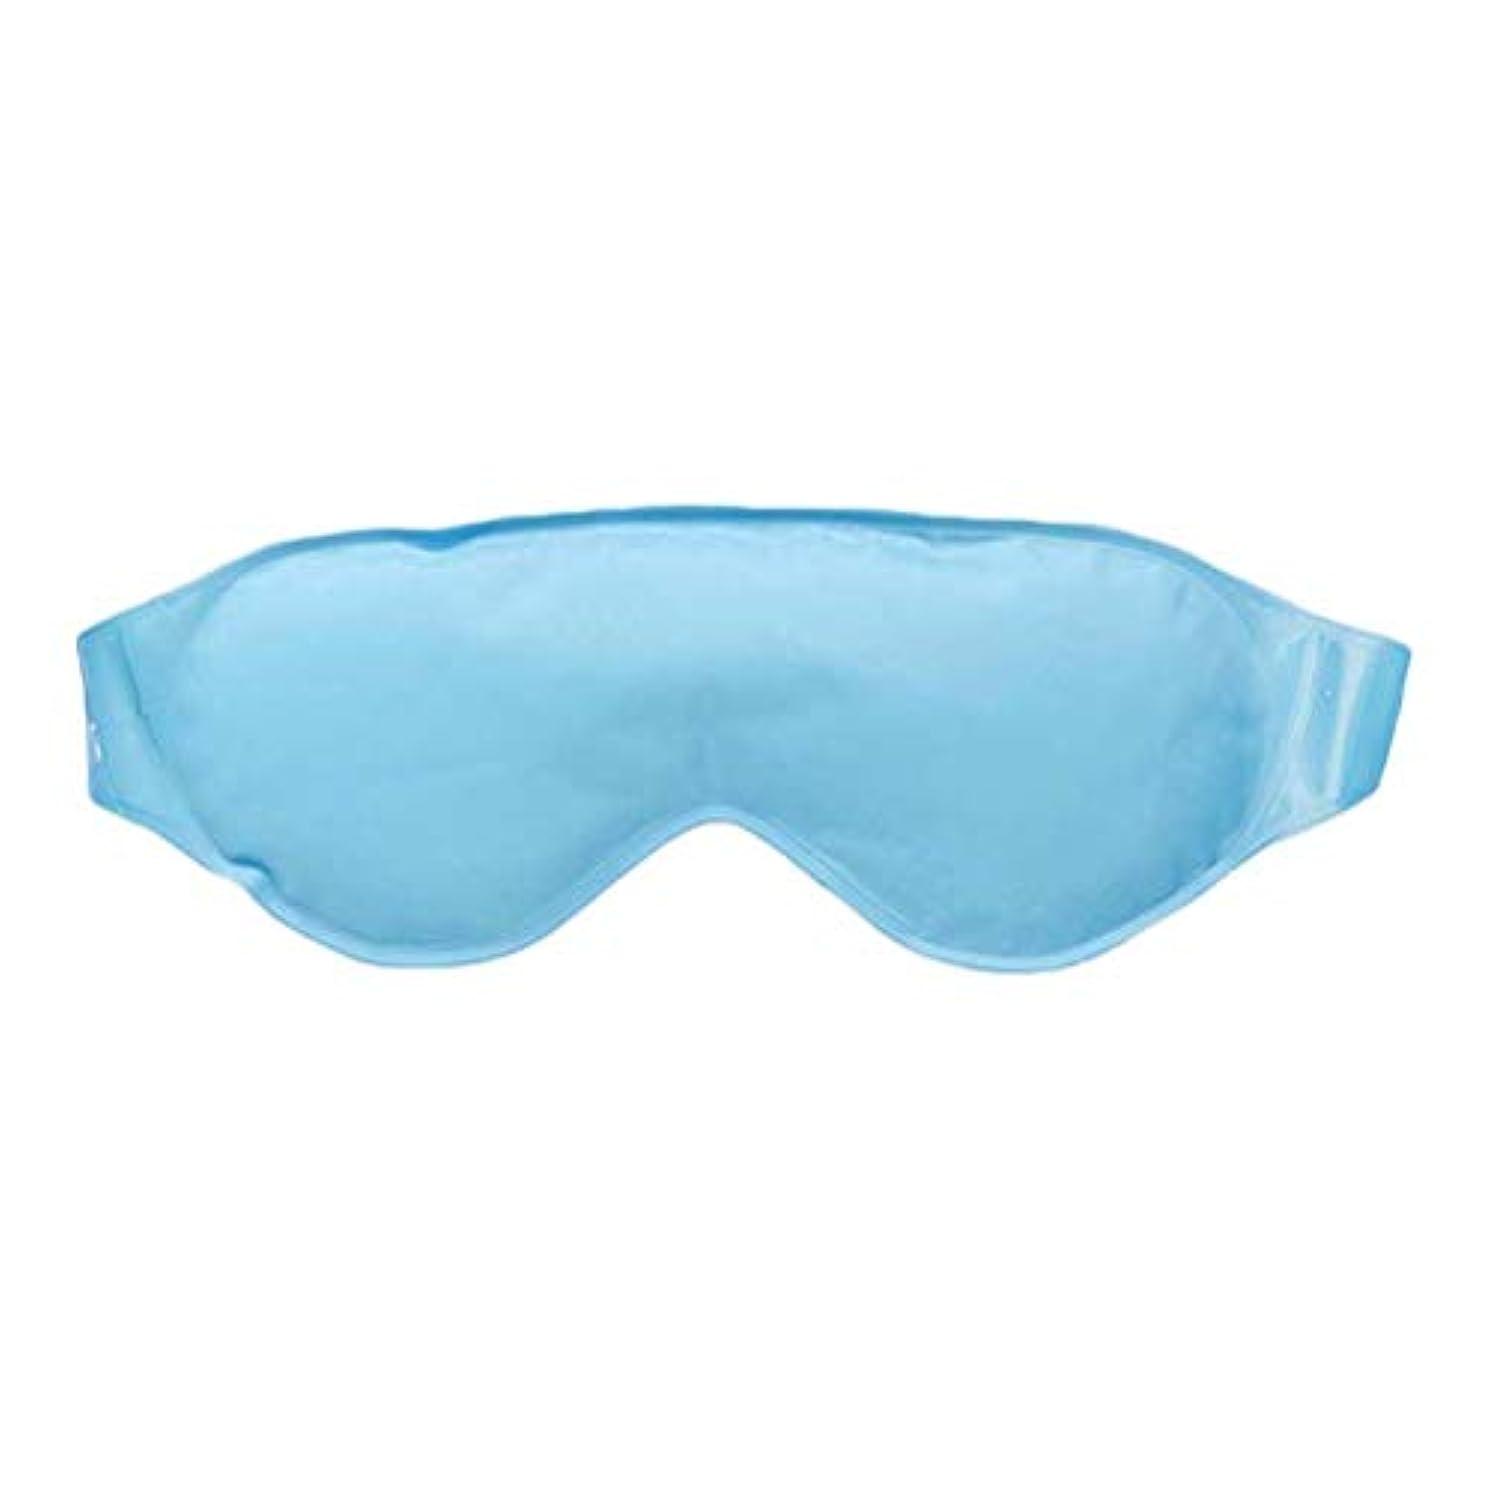 なんとなくキャッシュ予想外Healifty アイスアイマスクパッチ夏目隠し冷却リラックスブラインドアイリラックスセラピーマスク